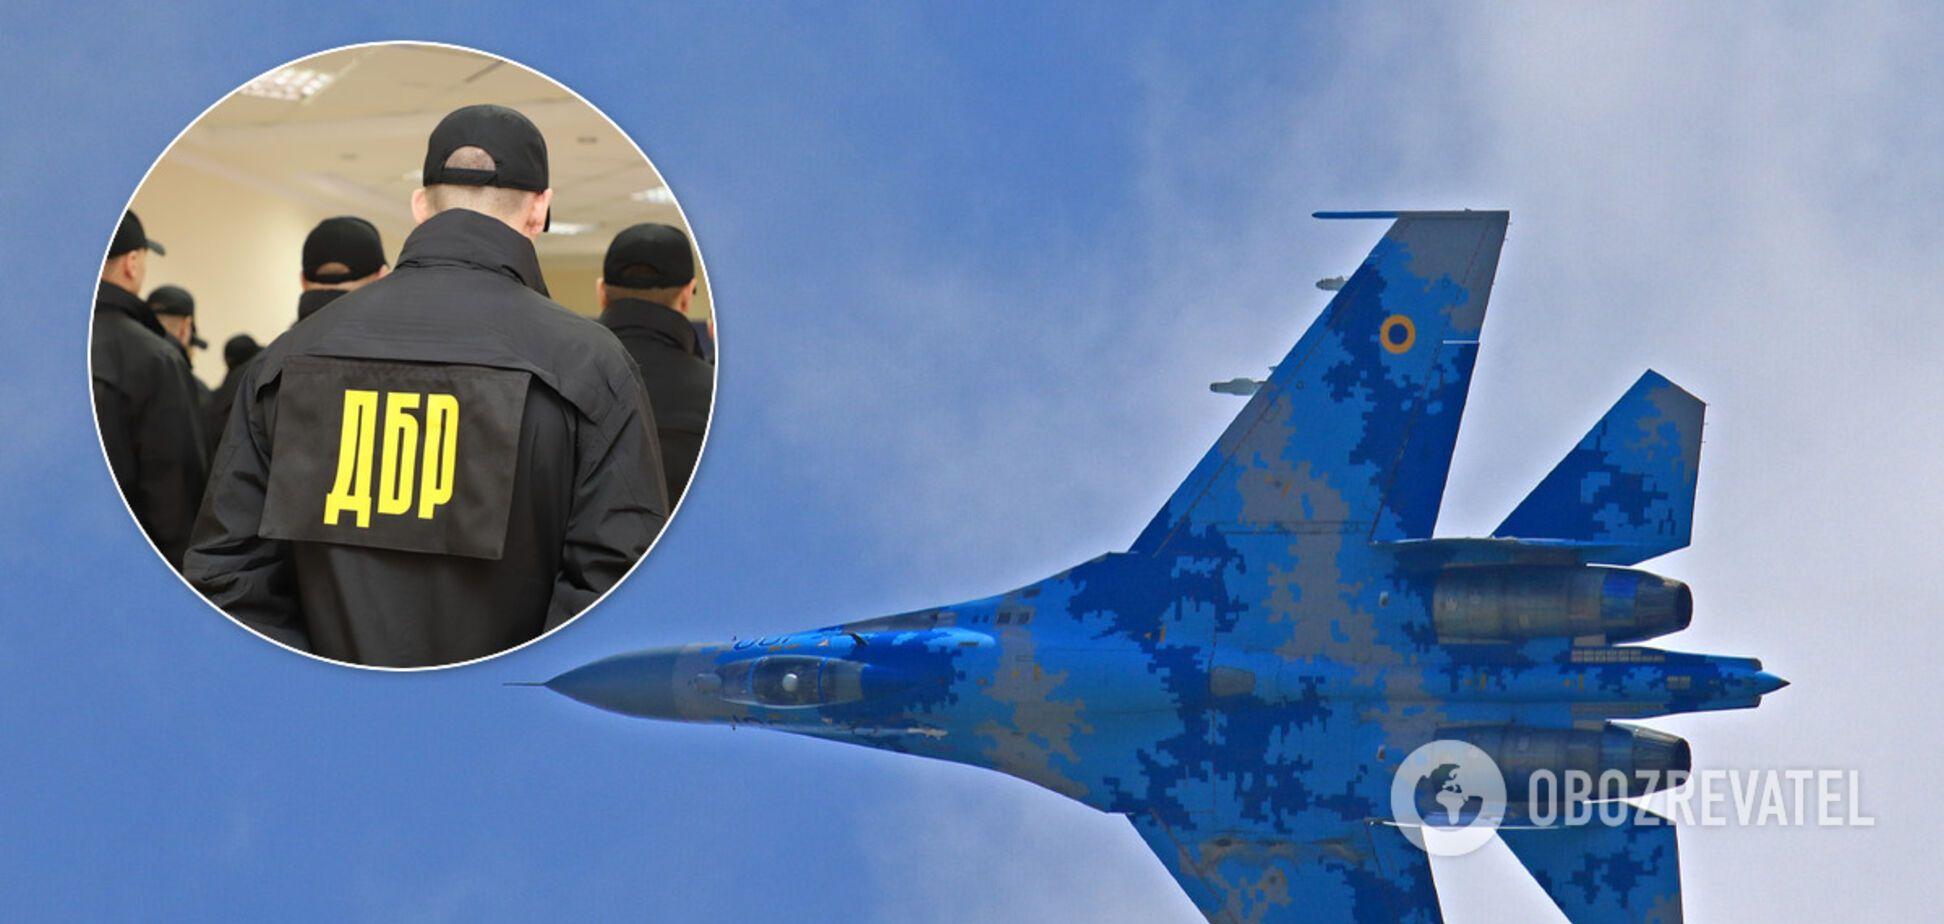 ДБР вилучило обладнання Повітряних сил: командування заявило про підрив оборони України